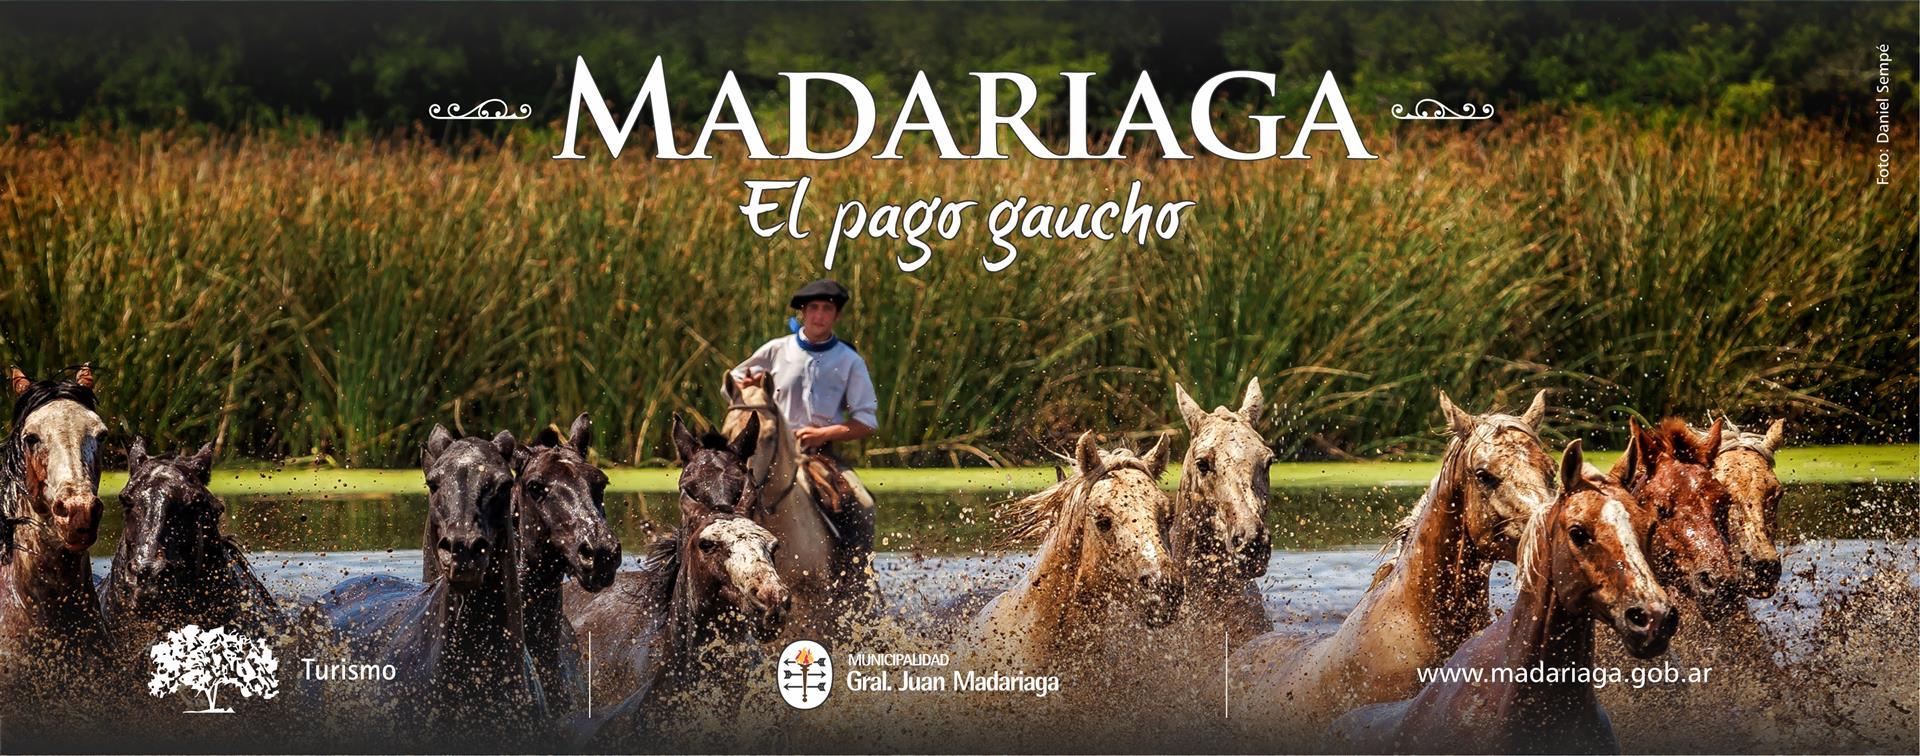 Fiesta nacional del gaucho en Madariagas